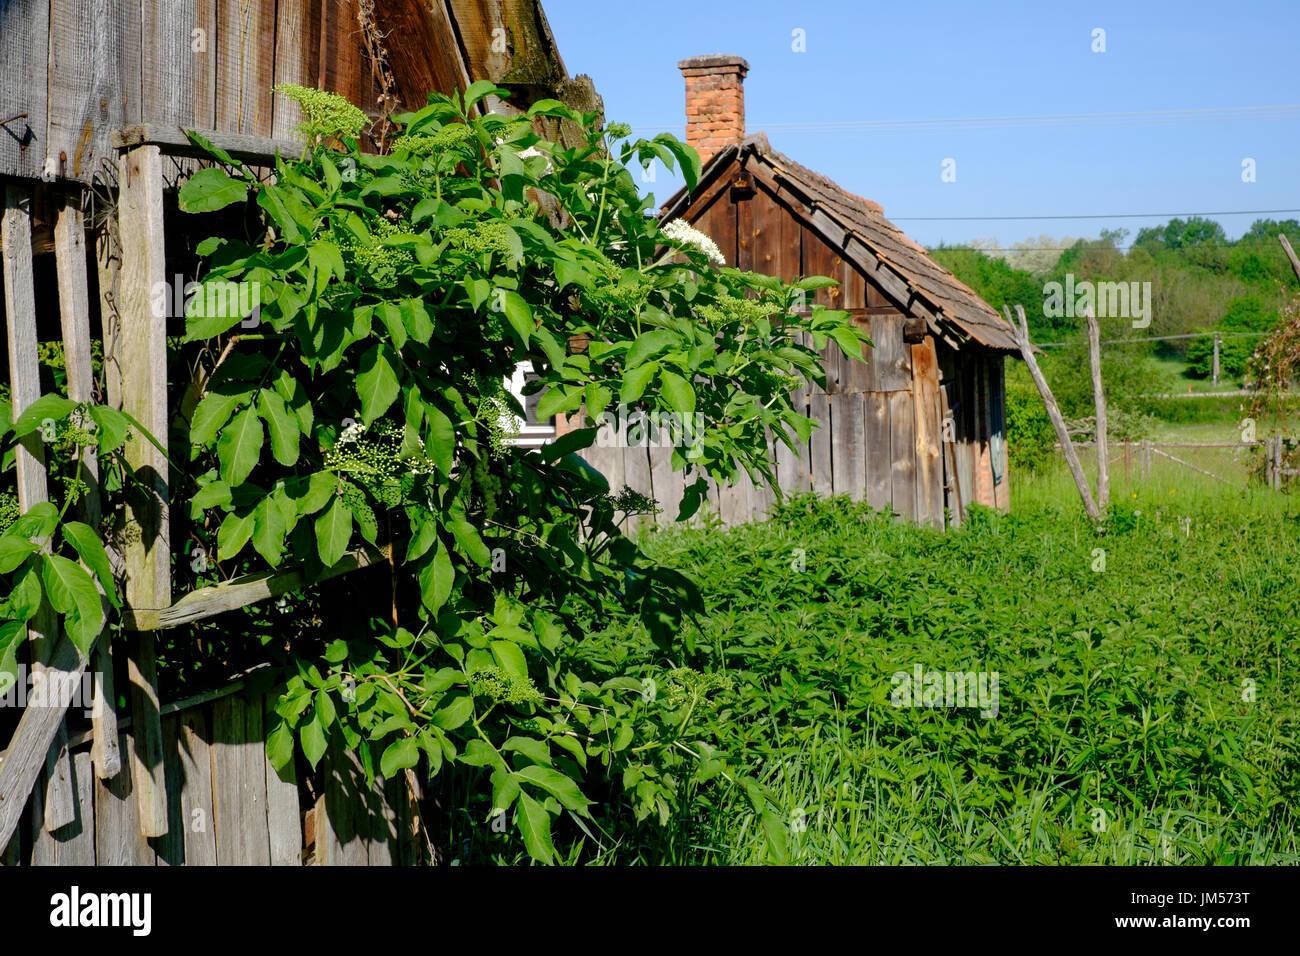 Sommerküche Haus : Haus möbel sommerküche hausumbau planen galerie hausumbau